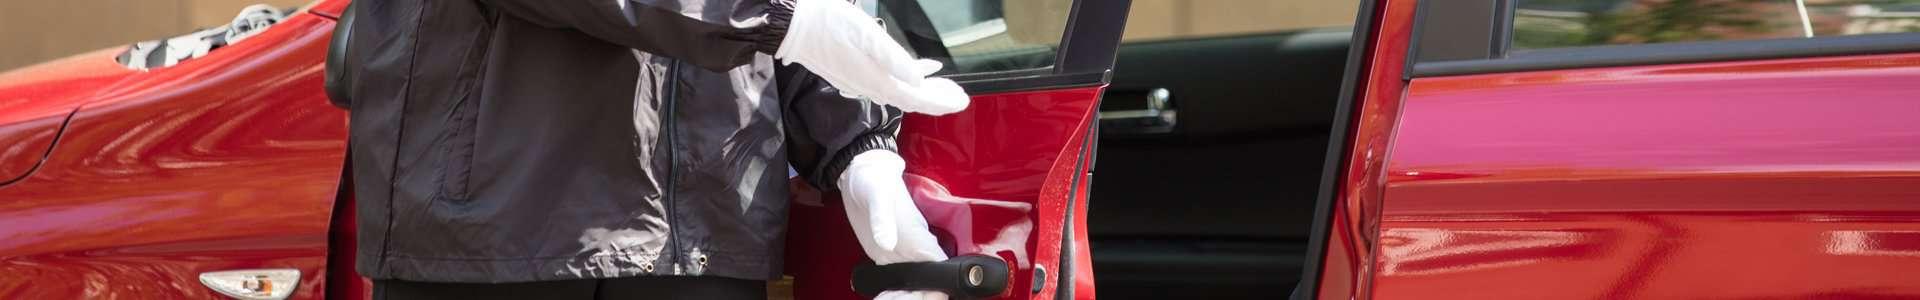 awaryjne otwieranie zamków w autach